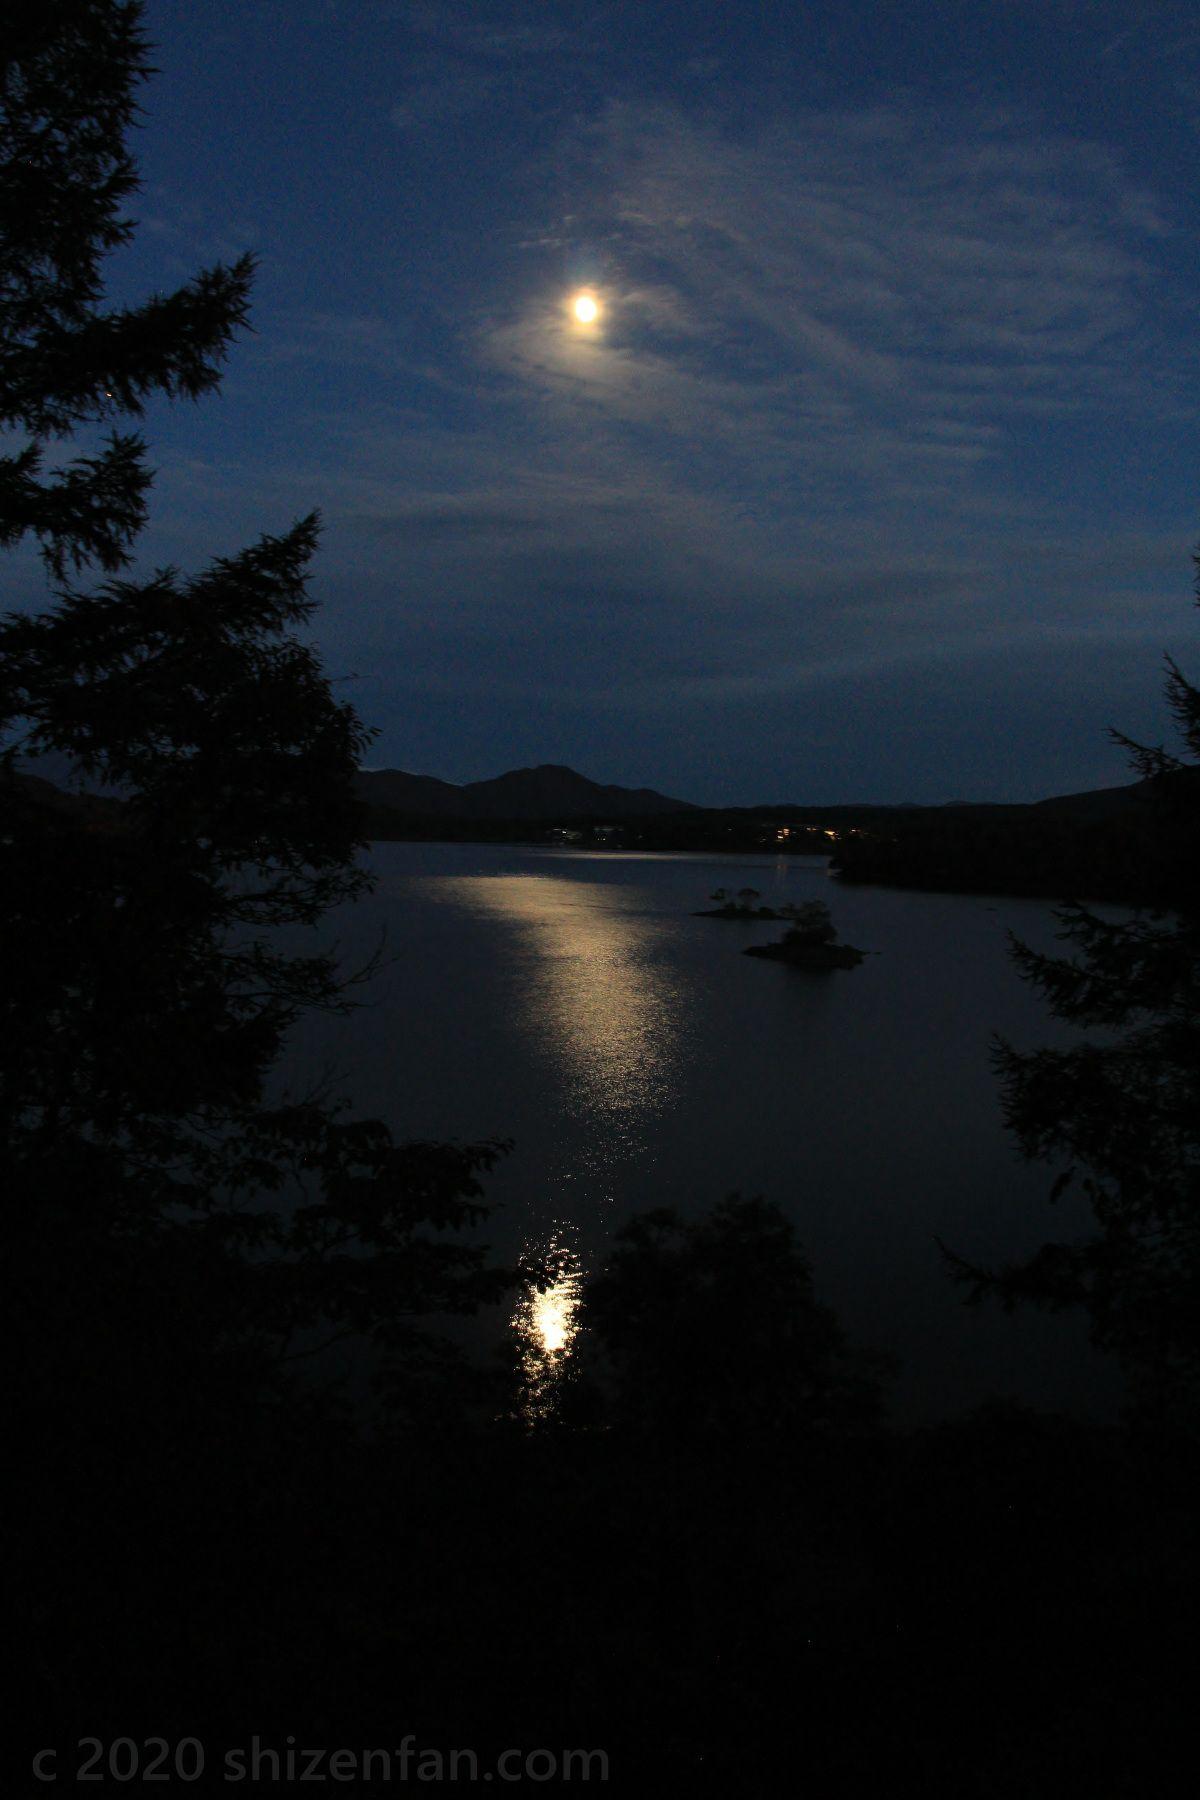 月明かりに照らされる桧原湖